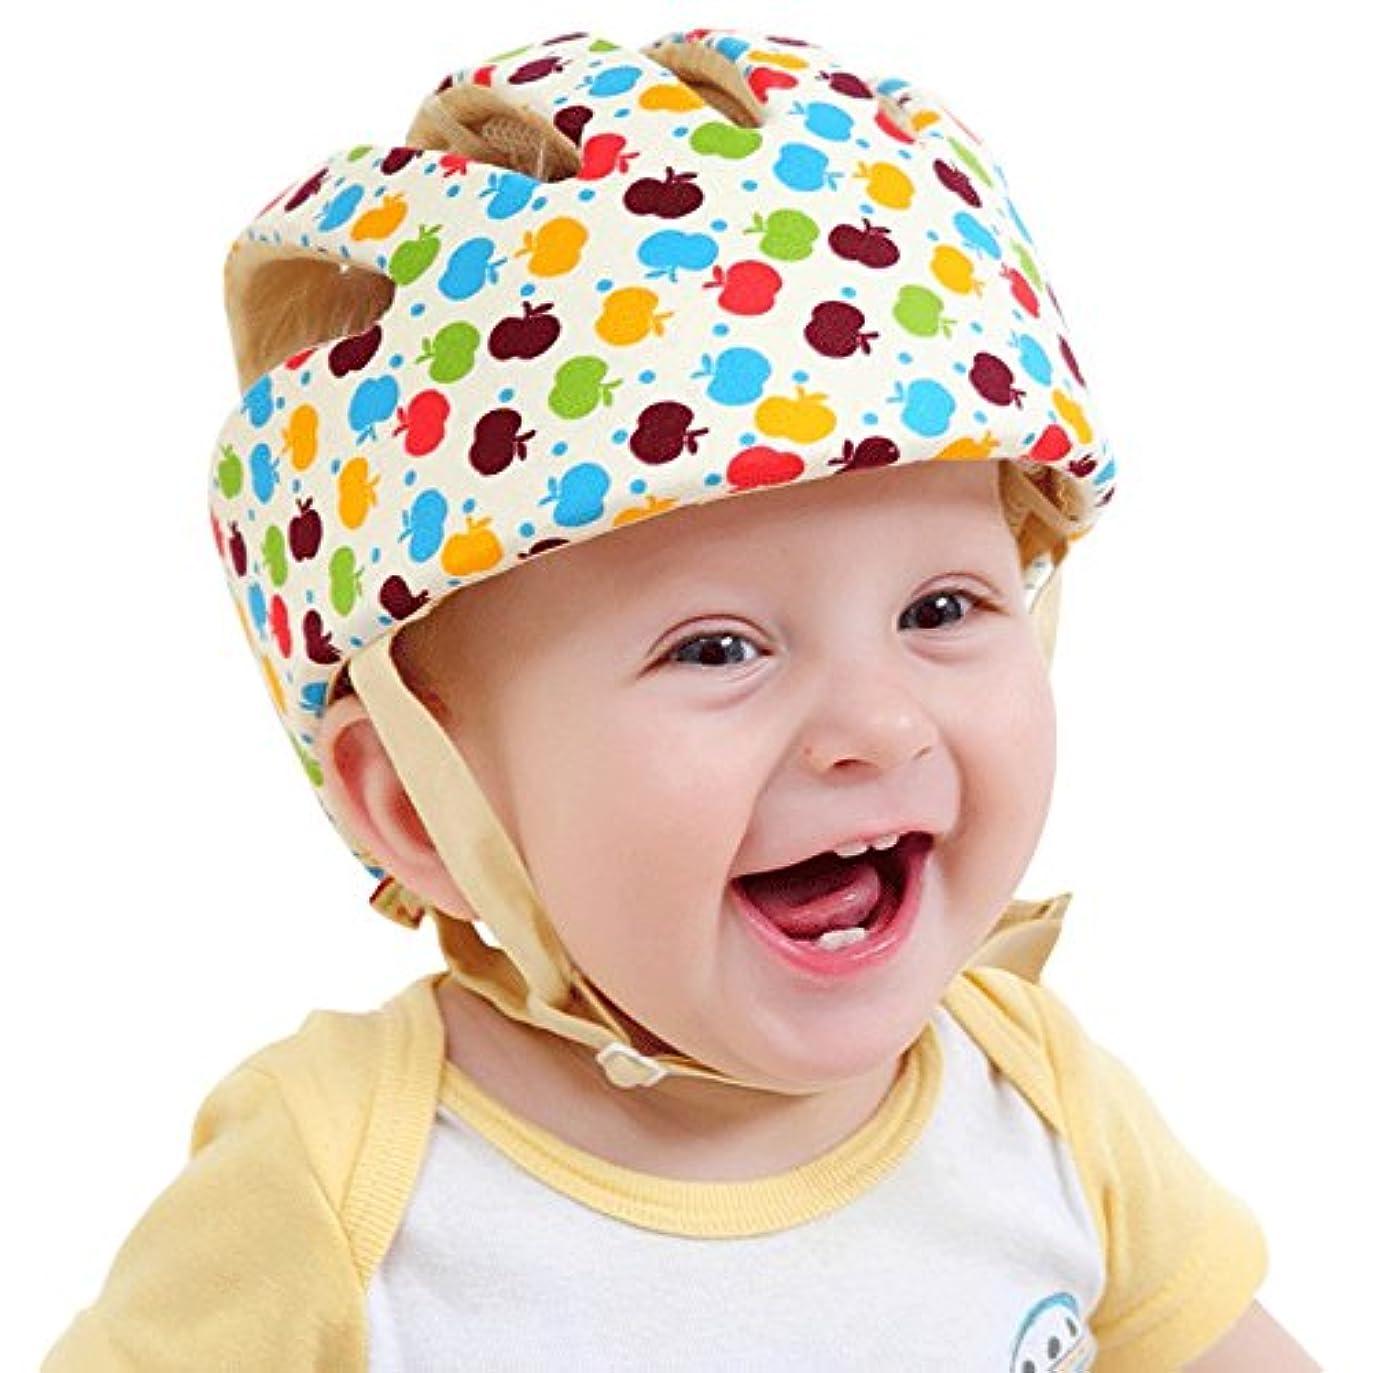 雑種適合する前進SONGZHILONGベビー?幼児 用 可愛い 洗える スポンジ ヘルメット 綿100% (カラフル)